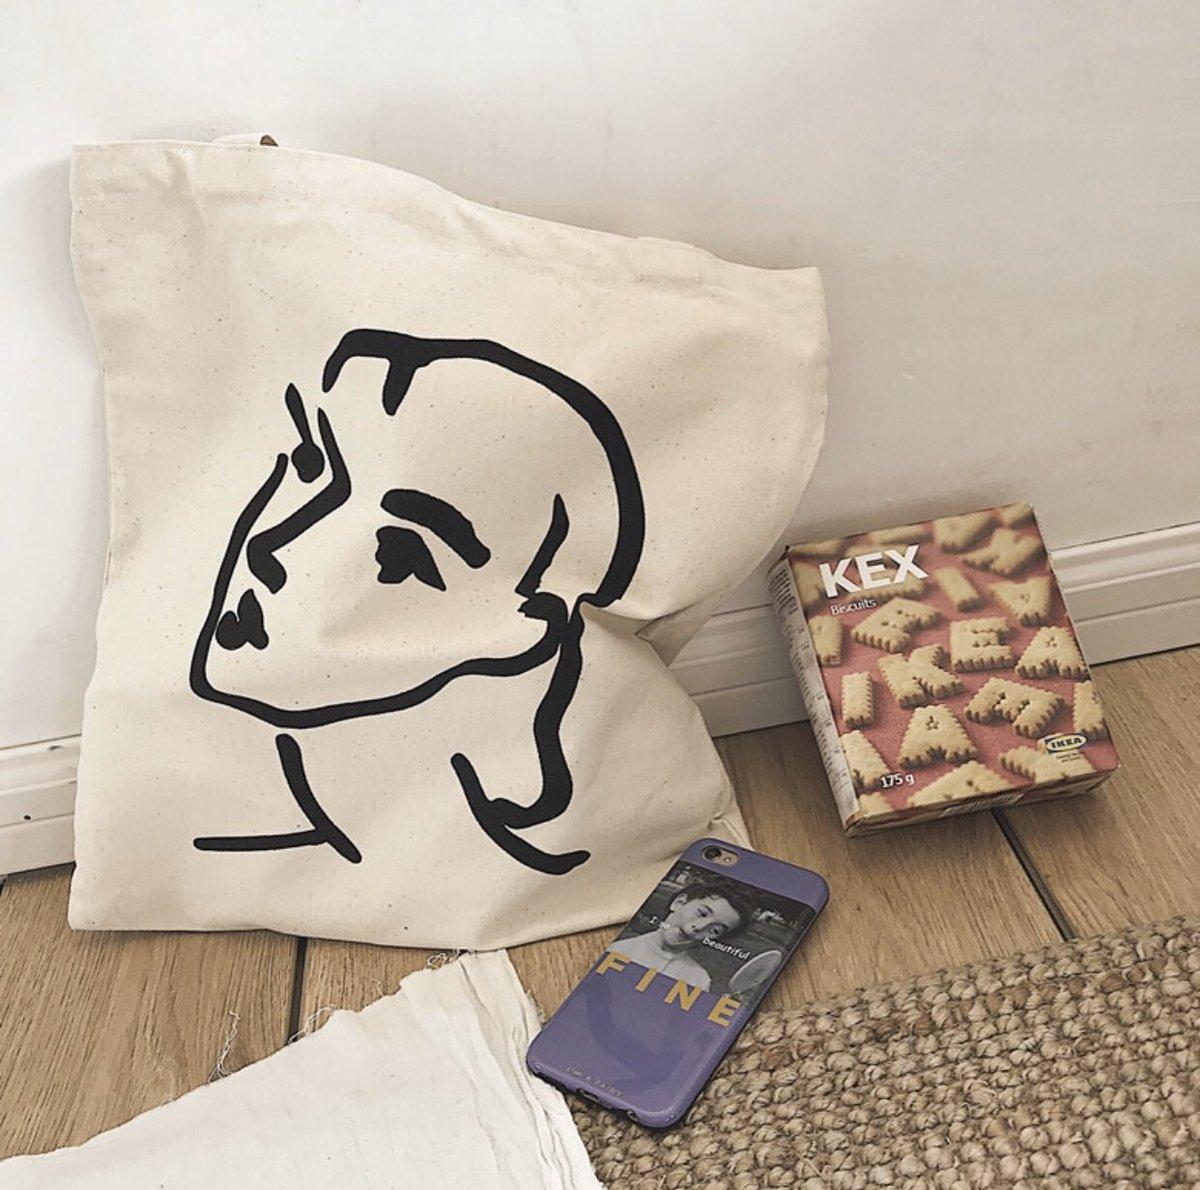 กระเป๋าเกาหลี  ใบละ 150 บาท รวมส่งฟรี 🥳 สินค้า พรีออเดอร์ รอของ 7-15 วัน   #แทบักพรีออเดอร์ #กระเป๋าผ้า #กระเป๋า #กระเป๋าเกาหลี #มินิมอล #เกาหลี #พรีออเดอร์เกาหลี #พรีออเดอร์ญี่ปุ่น #HowtoPerfect #คาเฟ่เกาหลี https://t.co/bYaopn2Bvp